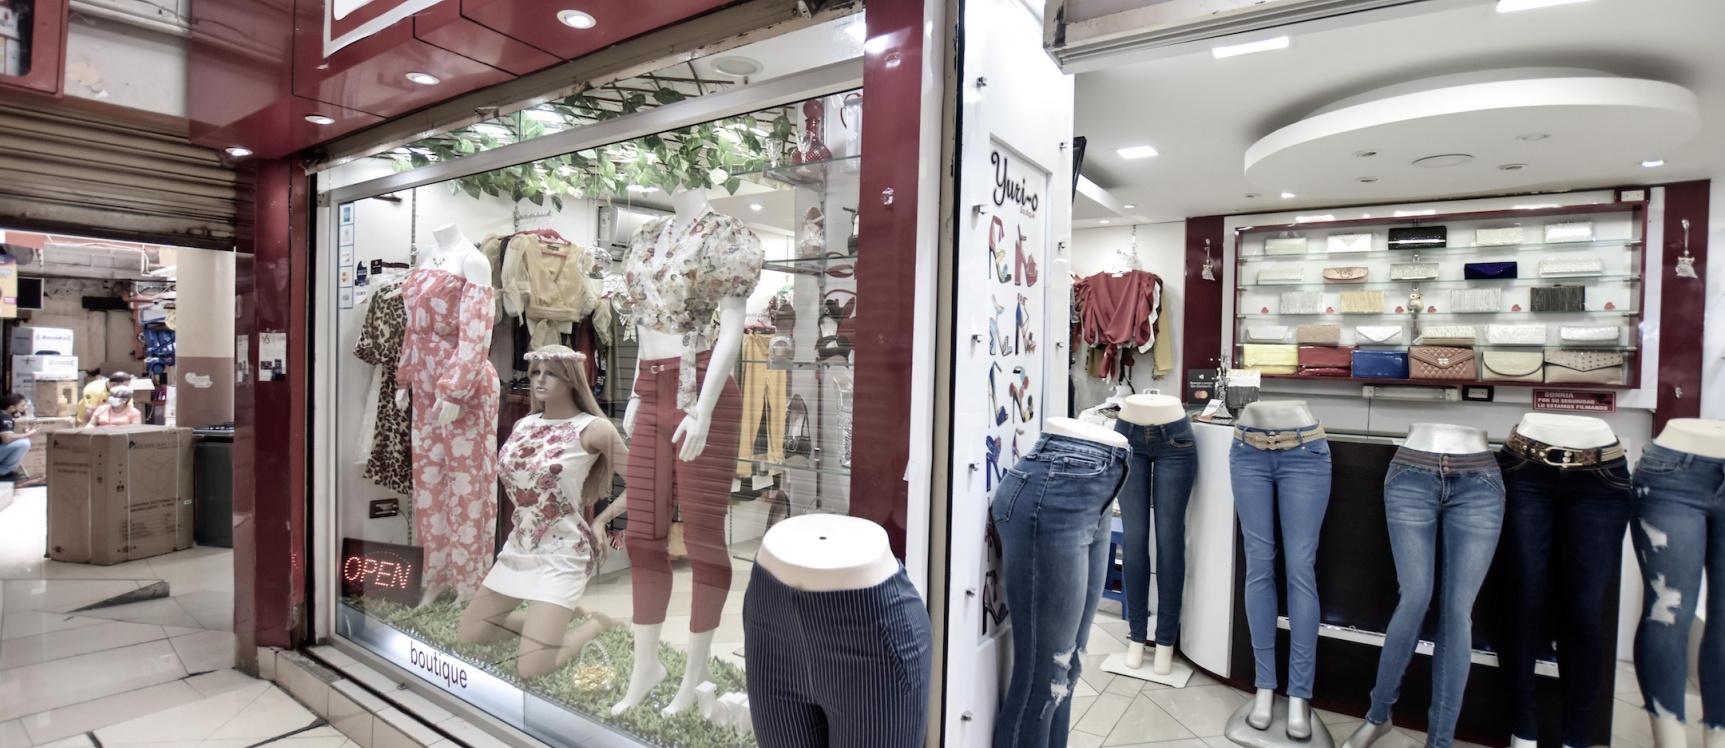 GeoBienes - Local Comercial en venta ubicado en Av. Malecón y Olmedo - Plusvalia Guayaquil Casas de venta y alquiler Inmobiliaria Ecuador